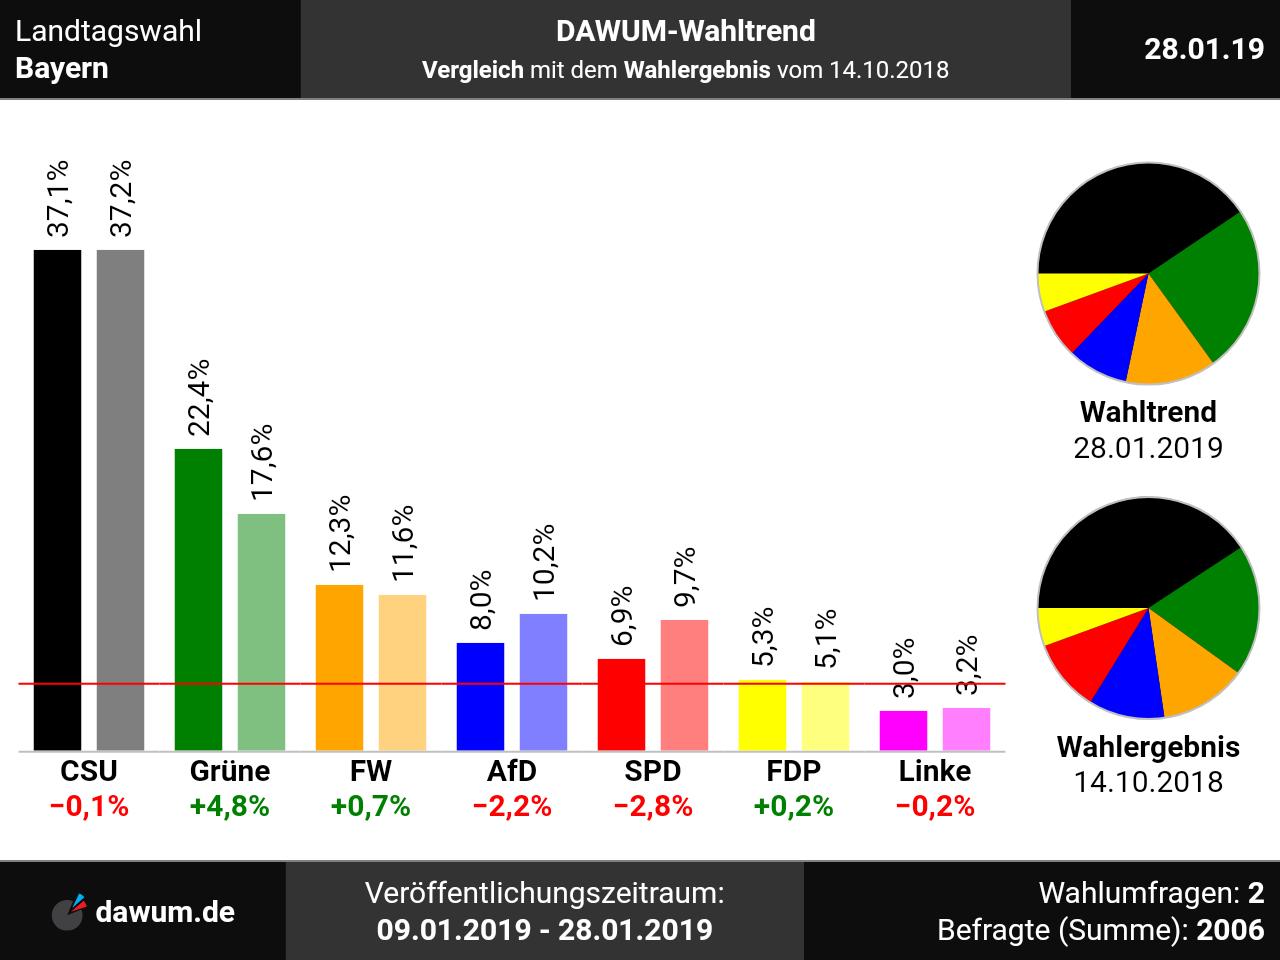 Erststimme Landtagswahl Bayern